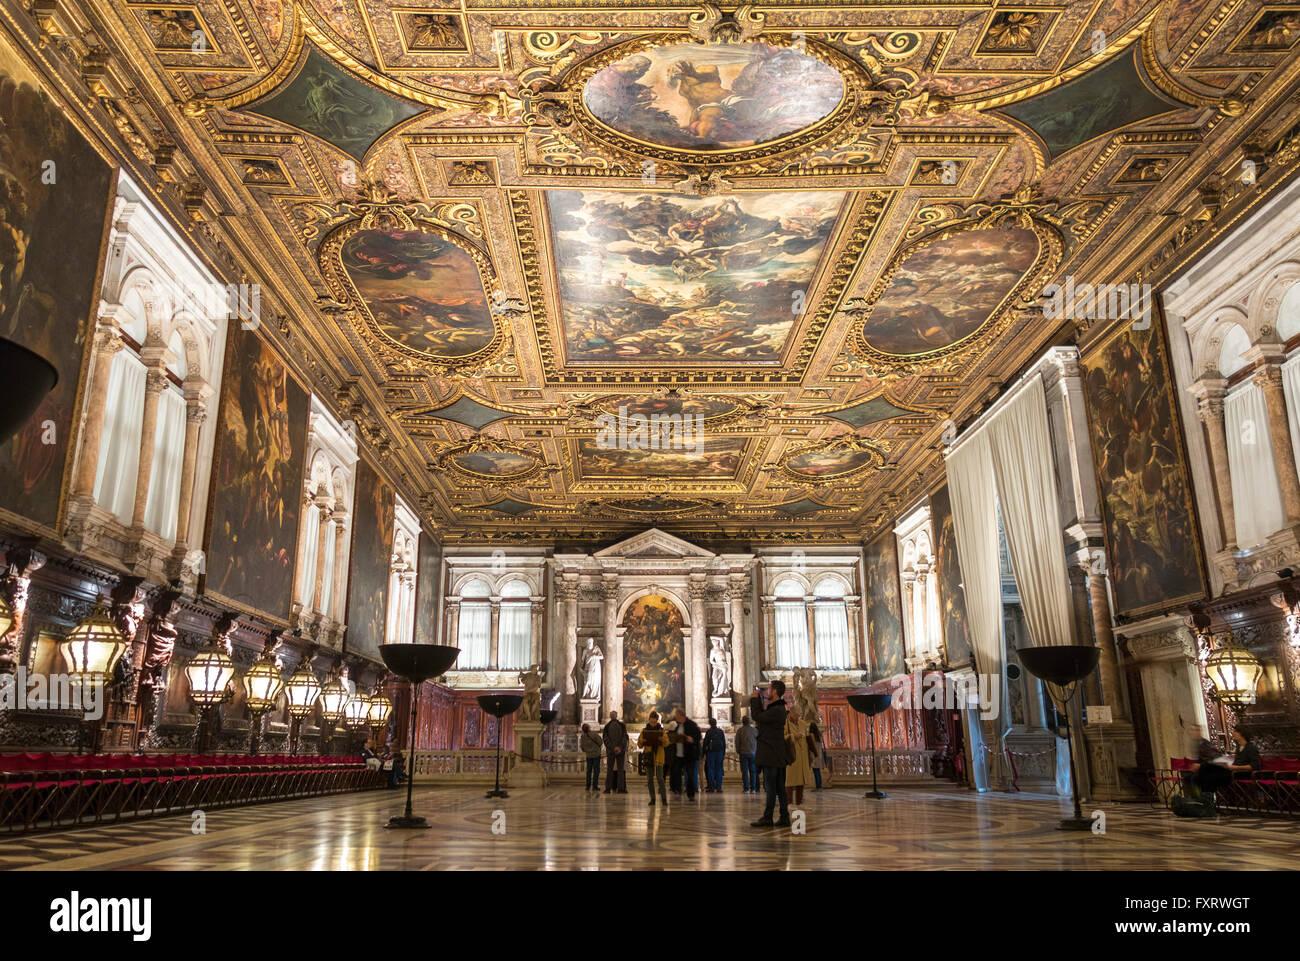 Venice, Scuola Grande di San Rocco, Sala Superiore - Upper Hall interior decorated by Tintoretto. - Stock Image